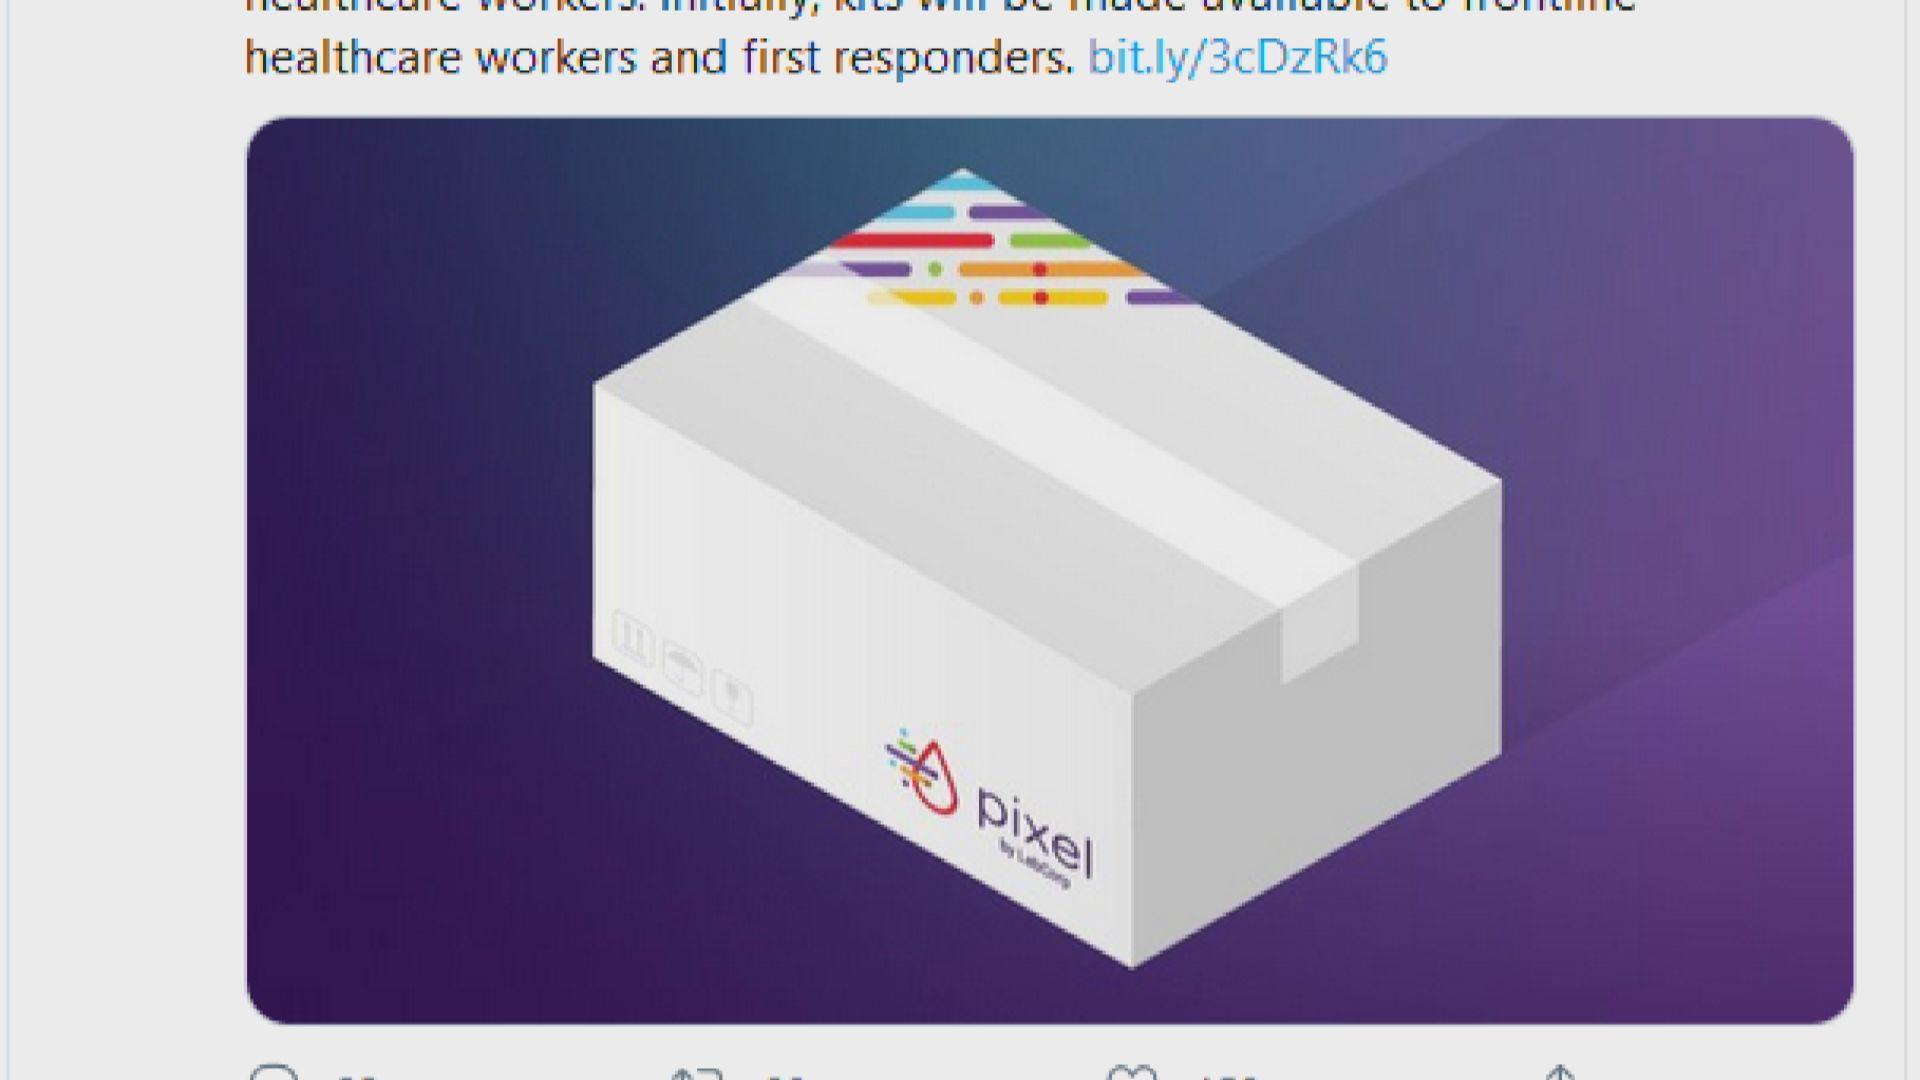 美國首個新冠病毒家中採樣檢測盒獲批使用